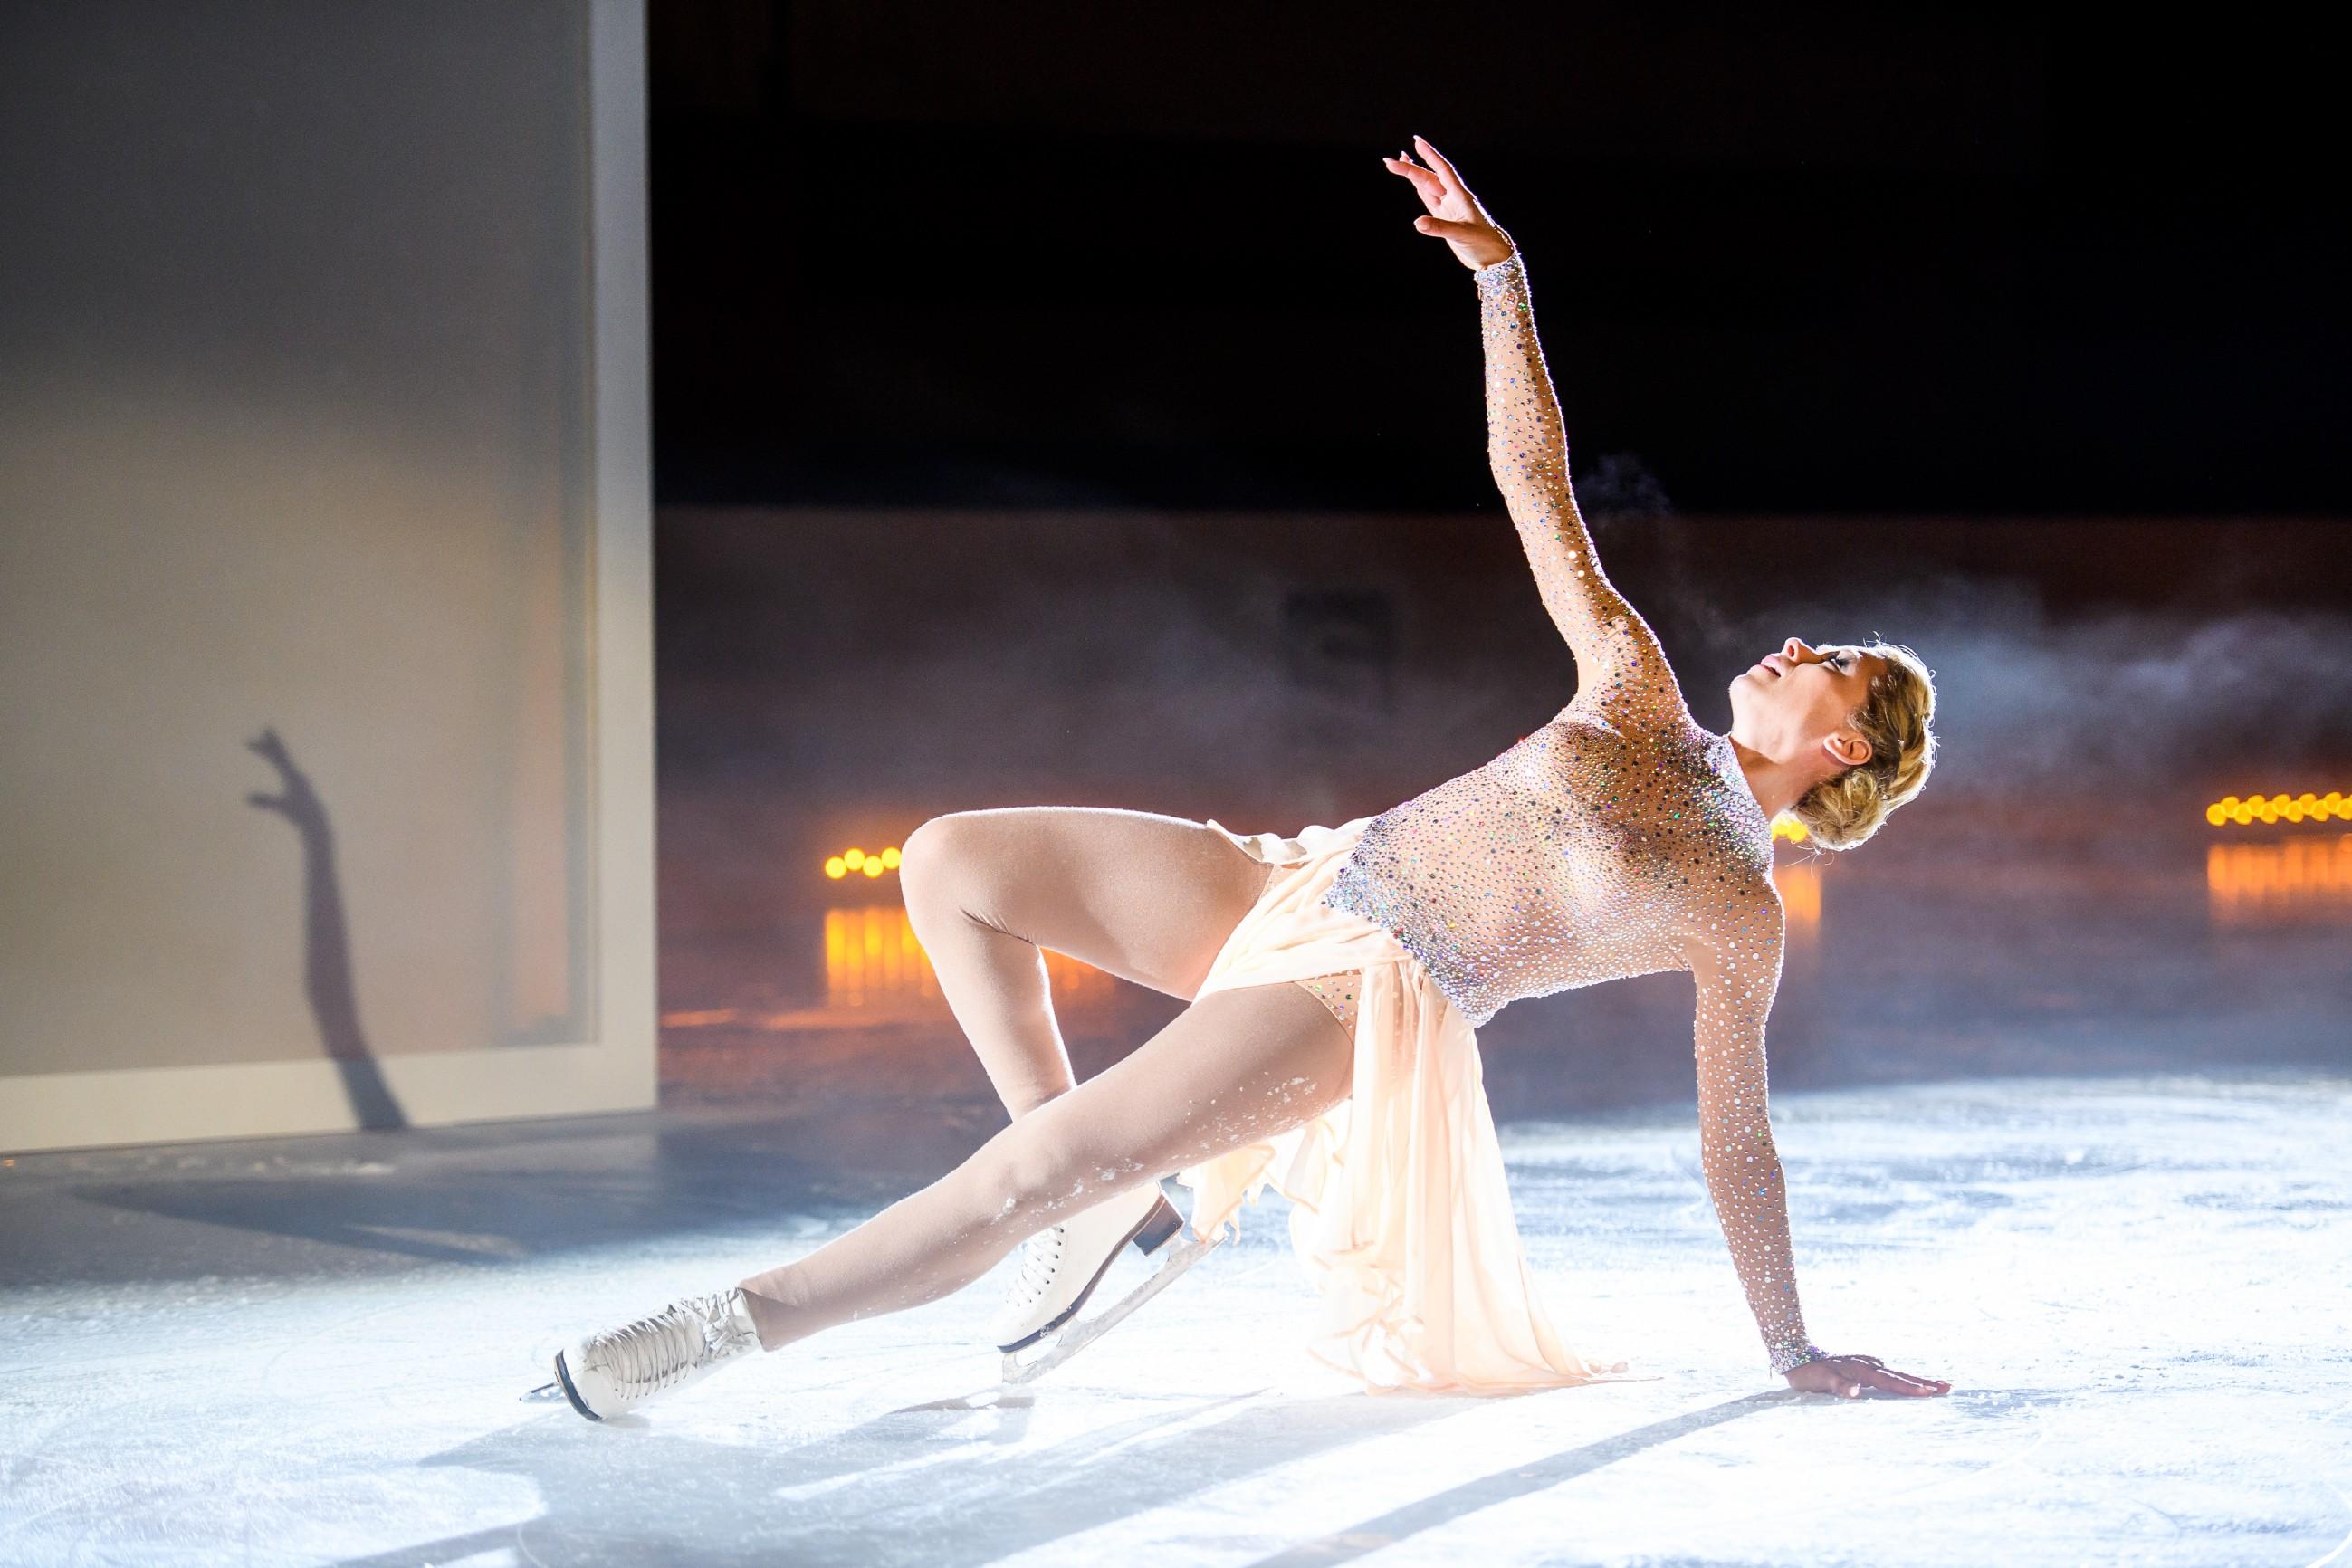 Bei der Eis-Gala läuft Diana (Tanja Szewczenko) strahlend ihre jeden verzaubernde Kür... (Quelle: RTL / Willi Weber)